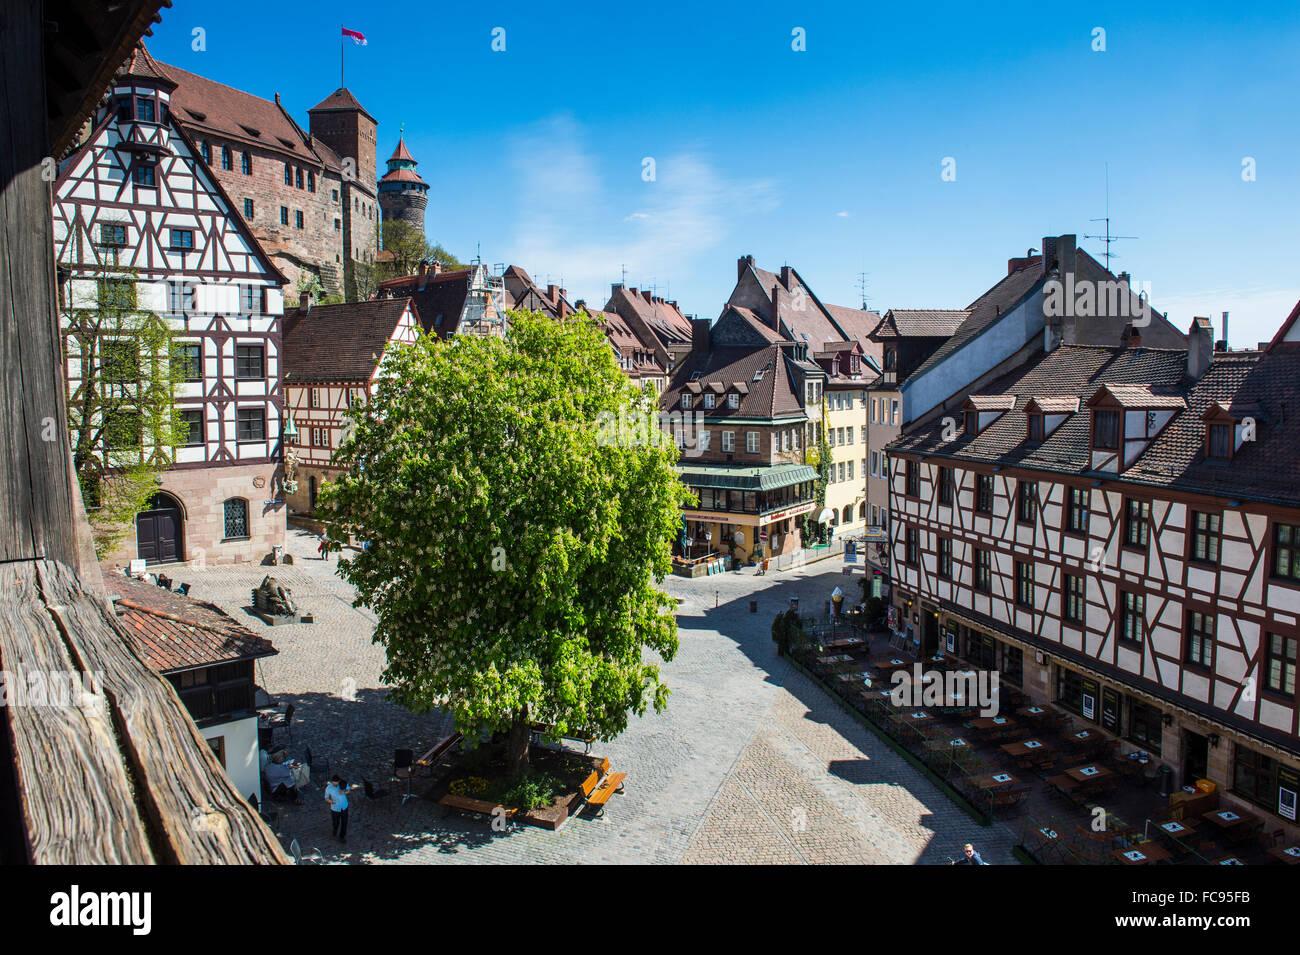 Blick über den Albrecht Duerer Platz und der kaiserlichen Burg Nürnberg, Bayern, Deutschland, Europa Stockbild